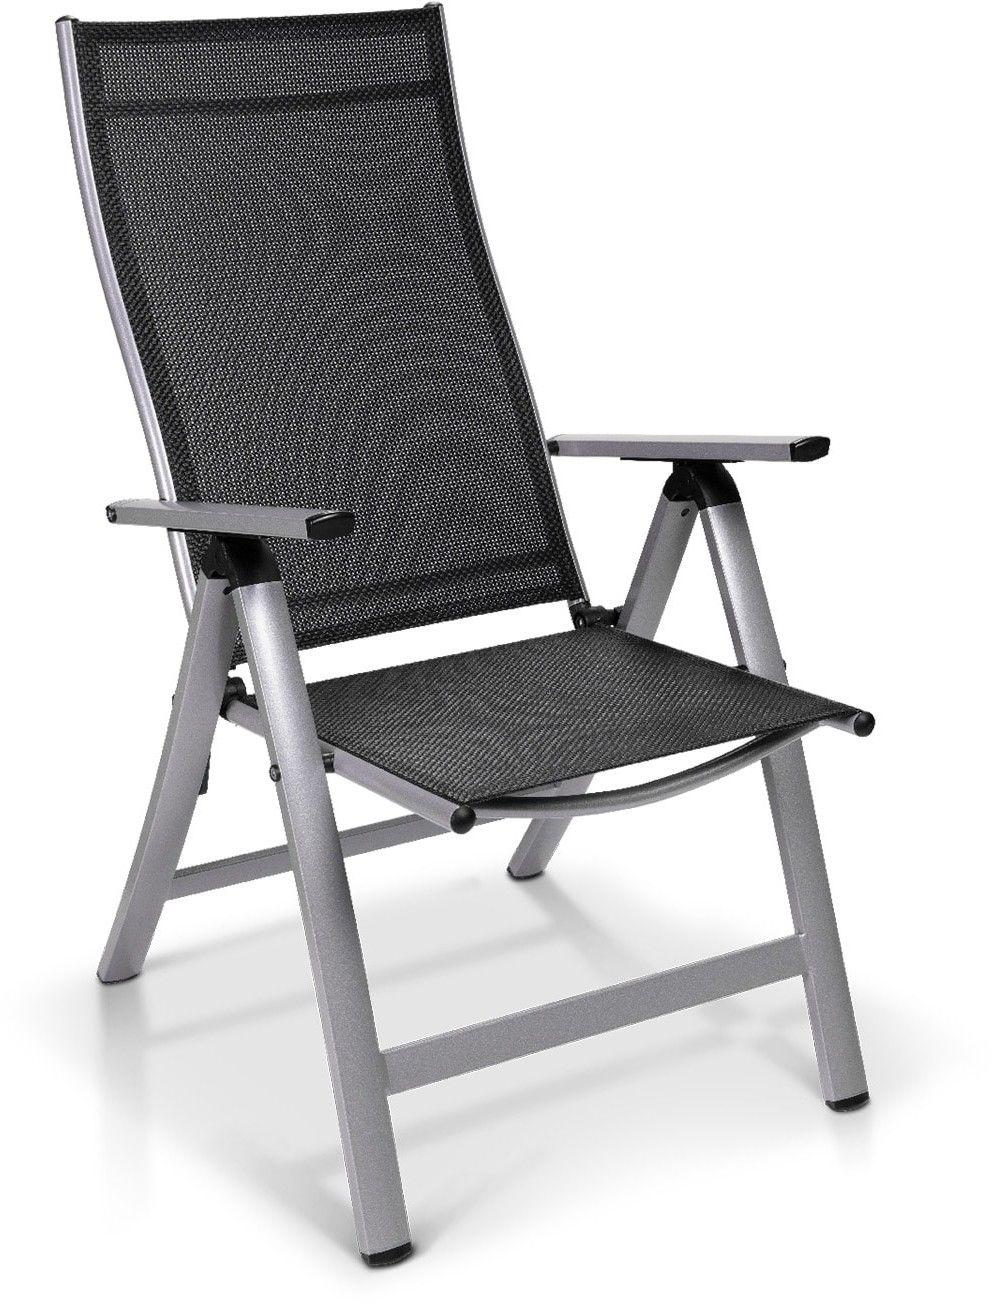 Blumfeldt London, fotel ogrodowy, tkanina syntetyczna (Textilene), aluminium, 6 pozycji, składany